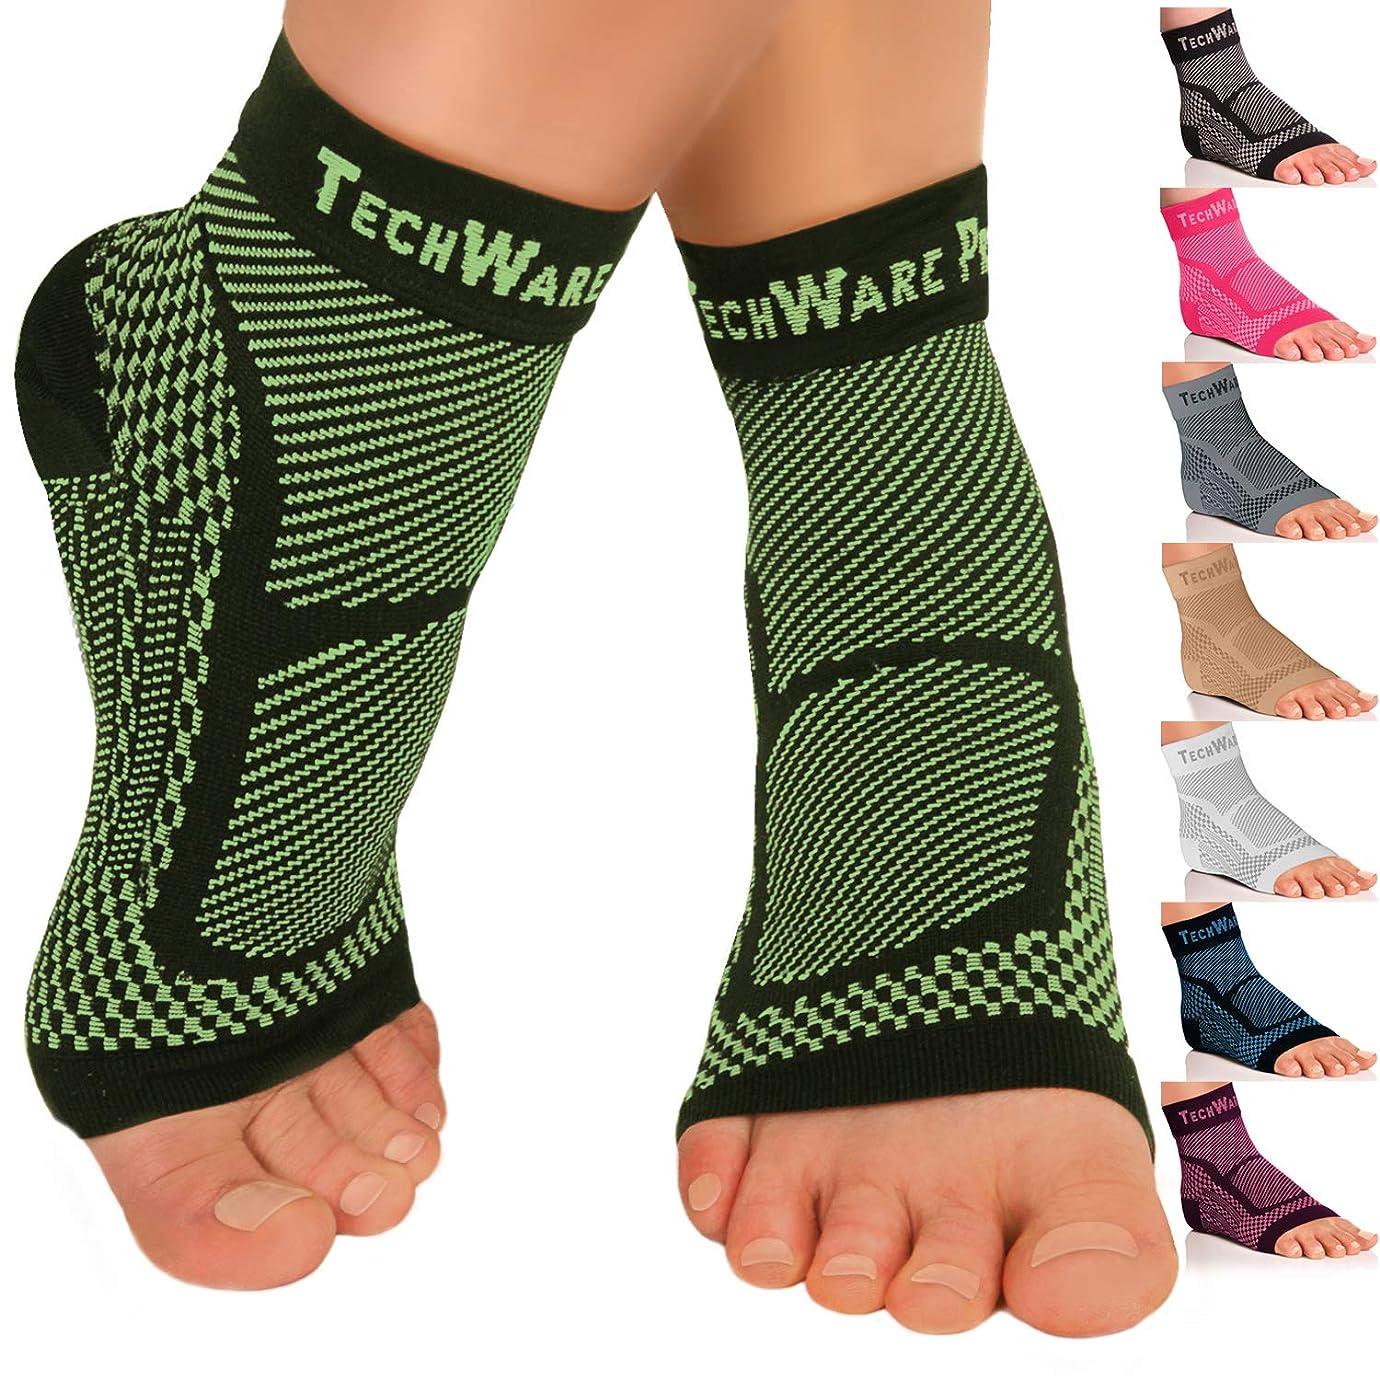 文法誰でもボランティアTechWare Pro 足首ブレース圧縮スリーブ - アキレス腱炎、関節痛を和らげます。 足底筋膜炎ソックスは足のアーチサポート付きで、腫れやかかとの平痛を軽減します。 スポーツの怪我回復